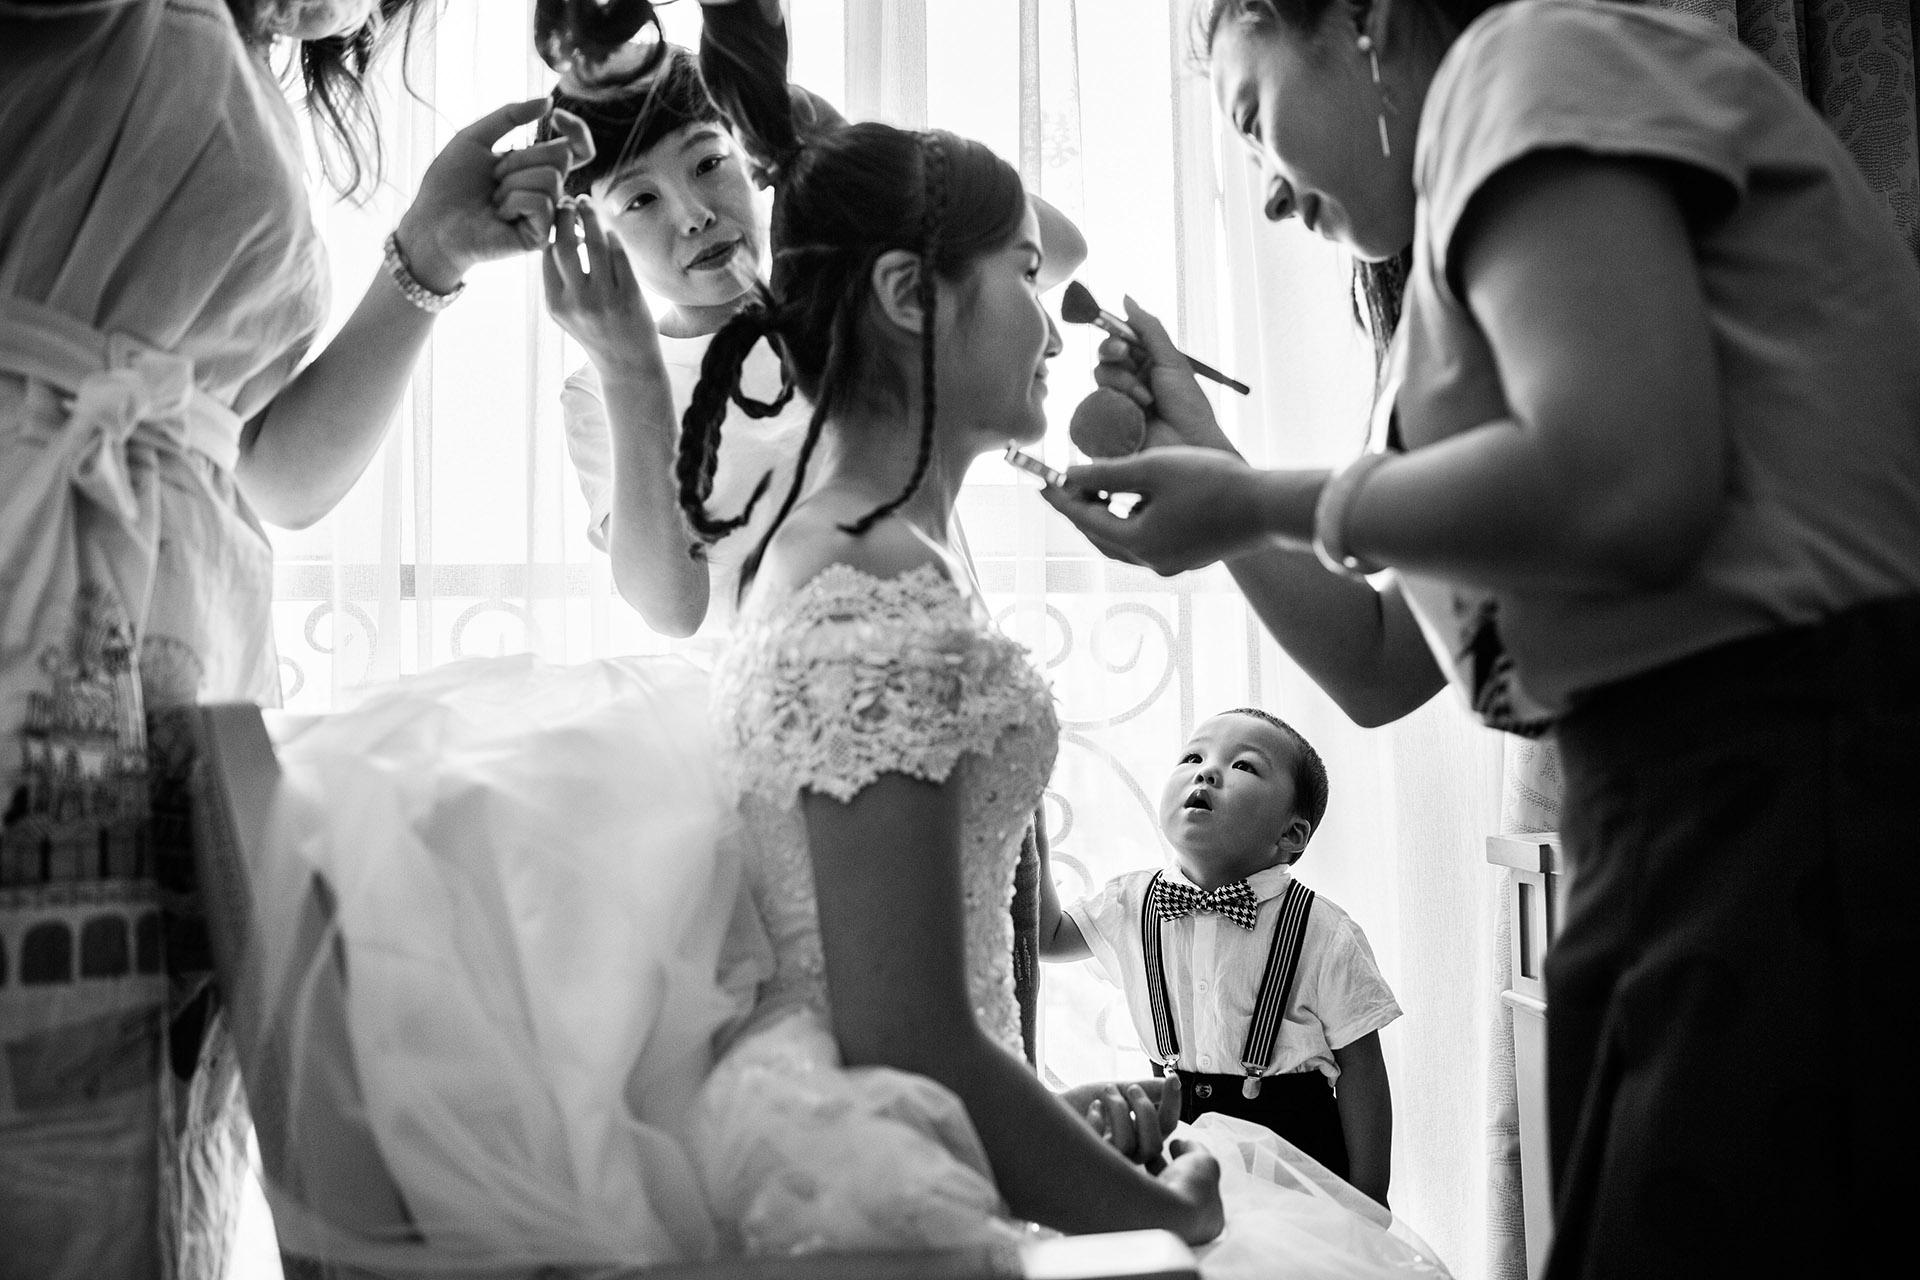 Des demoiselles d'honneur et un petit garçon regardent la mariée se maquiller dans une pièce animée de cette photo en noir et blanc